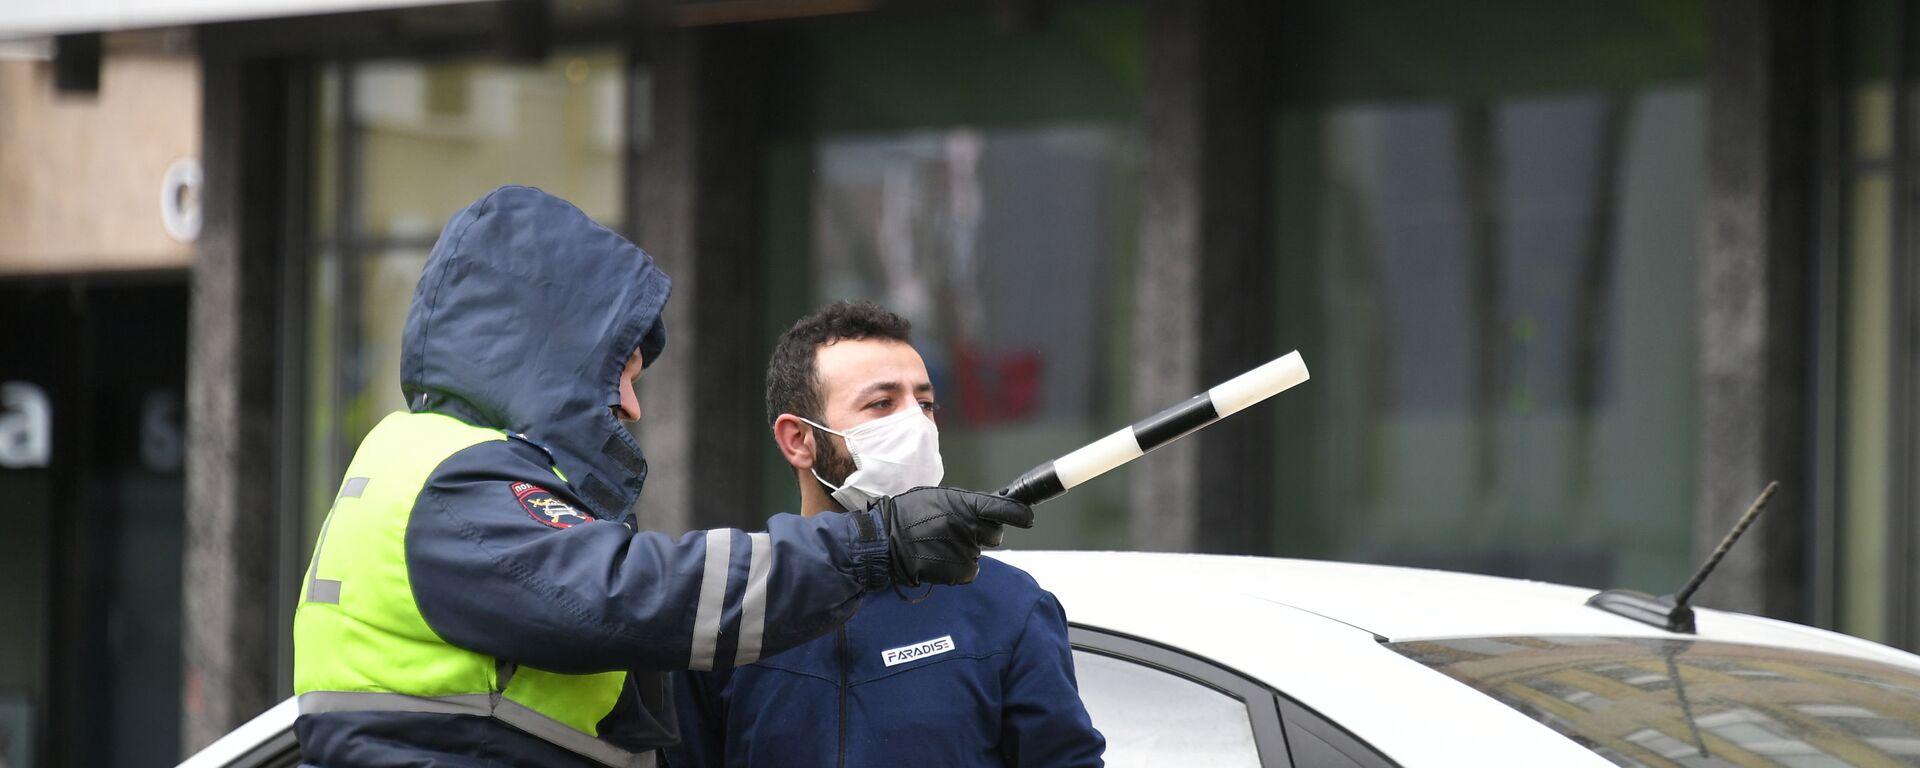 Сотрудник дорожно-патрульной службы разговаривает с таксистом на одной из улиц Москвы. - Sputnik Таджикистан, 1920, 09.01.2021